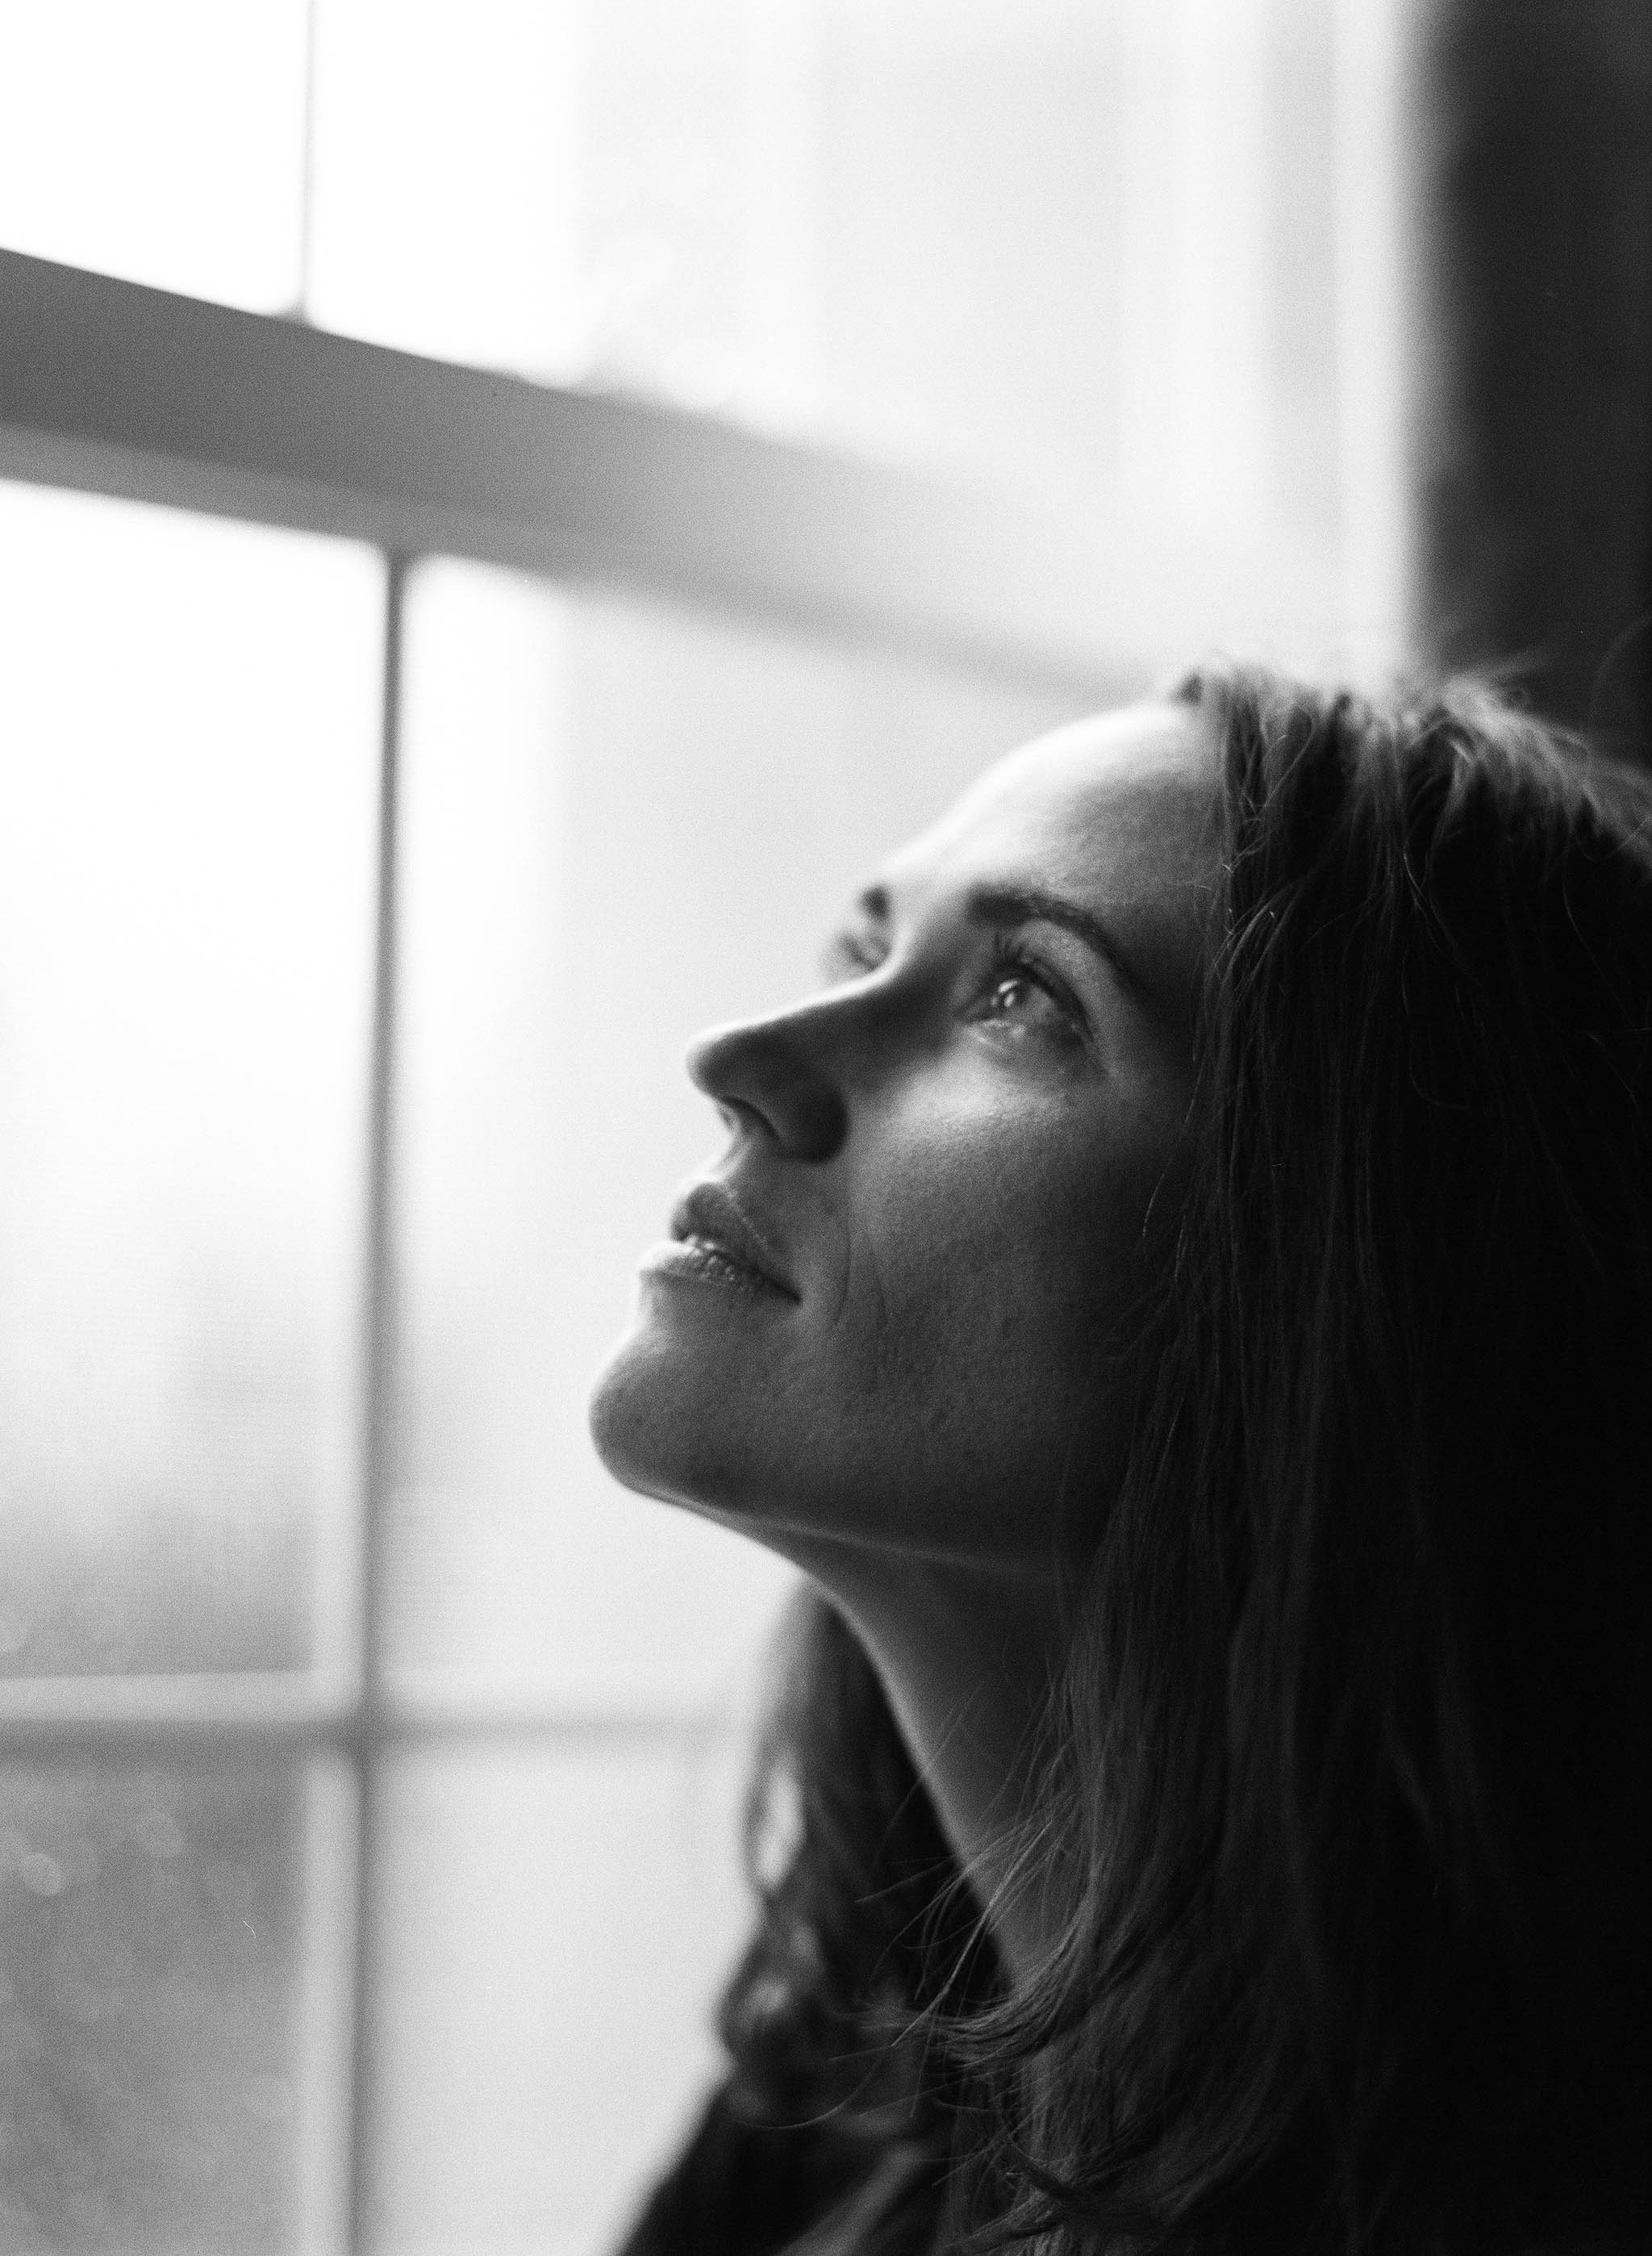 Kristen-Humbert-Philadelphia_Portrait_Photographer_Scarlett_Redmond_BnW-90280013.jpg